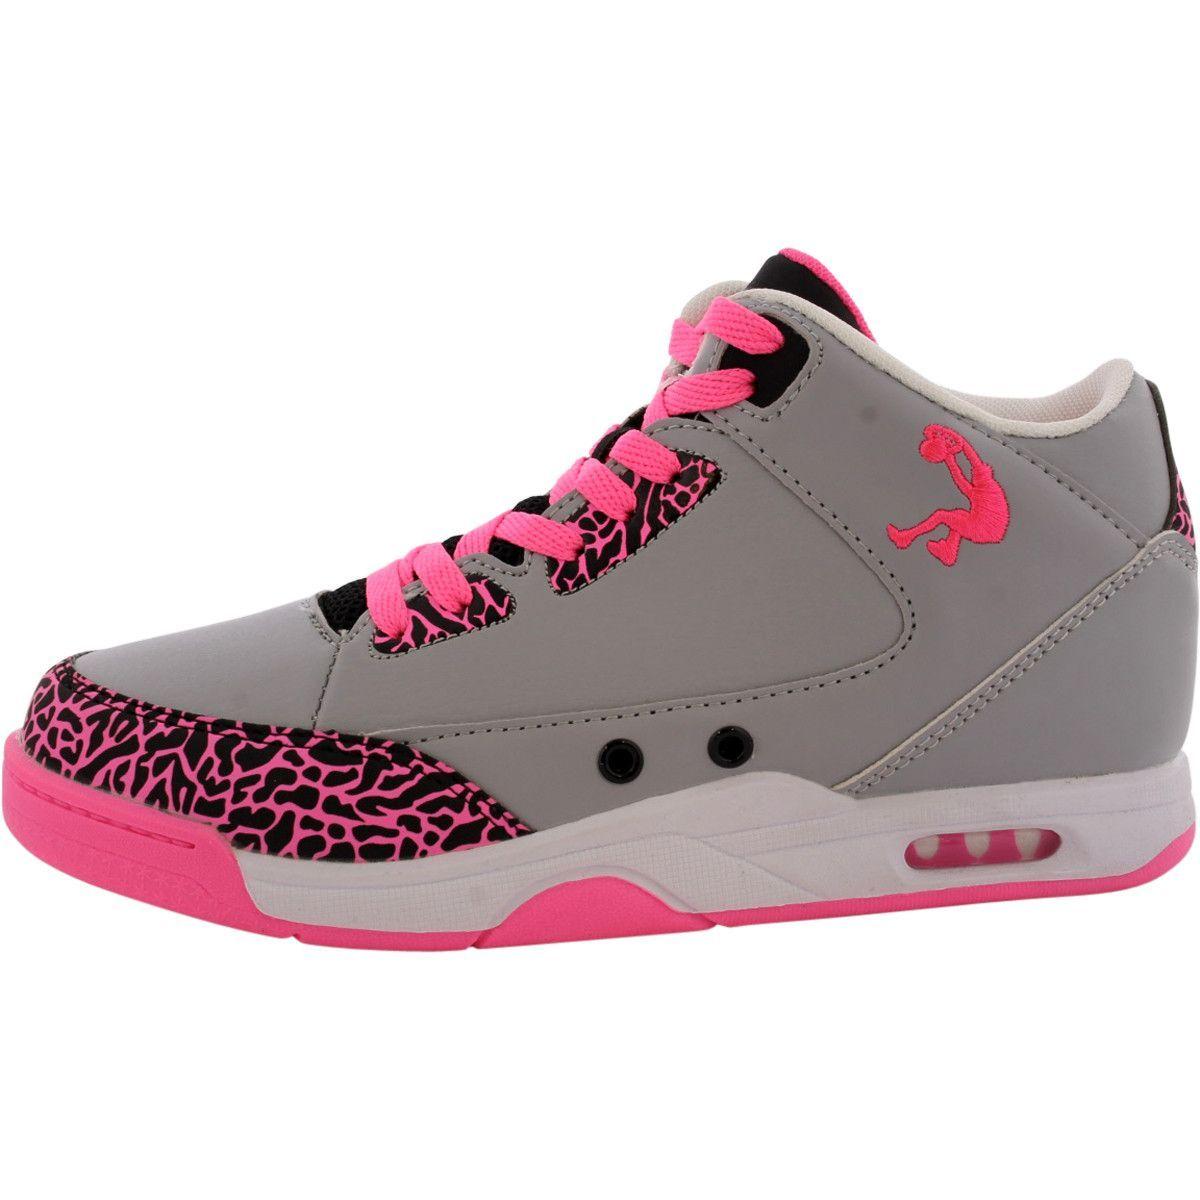 Shaq Platinum - Girl's Drop Sneakers